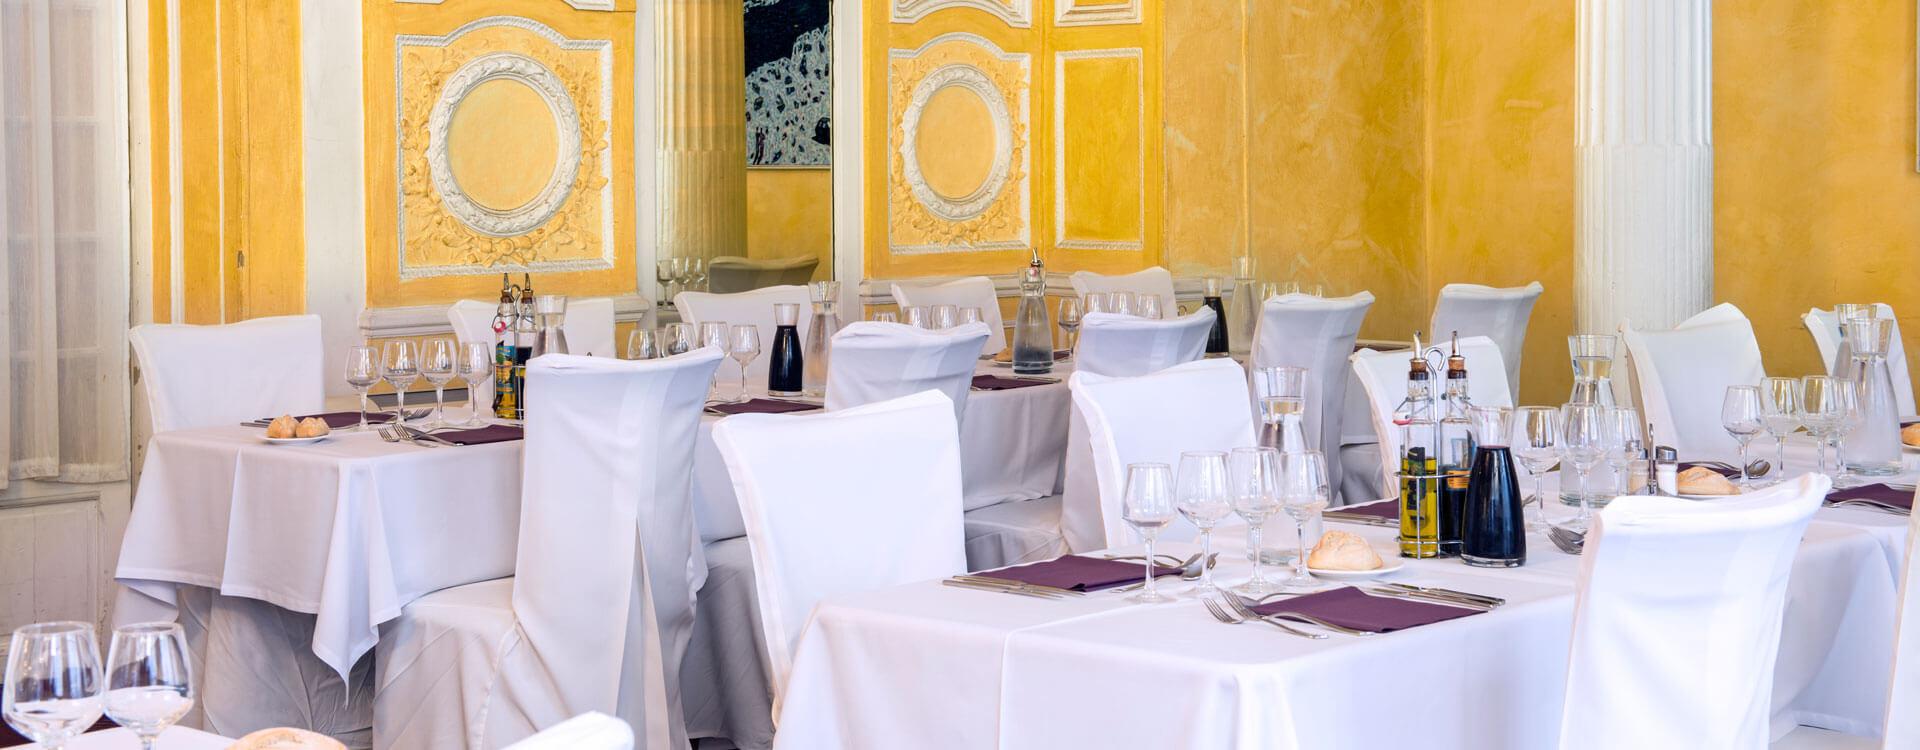 Restaurant - Hôtel*** Le Royal à Nice